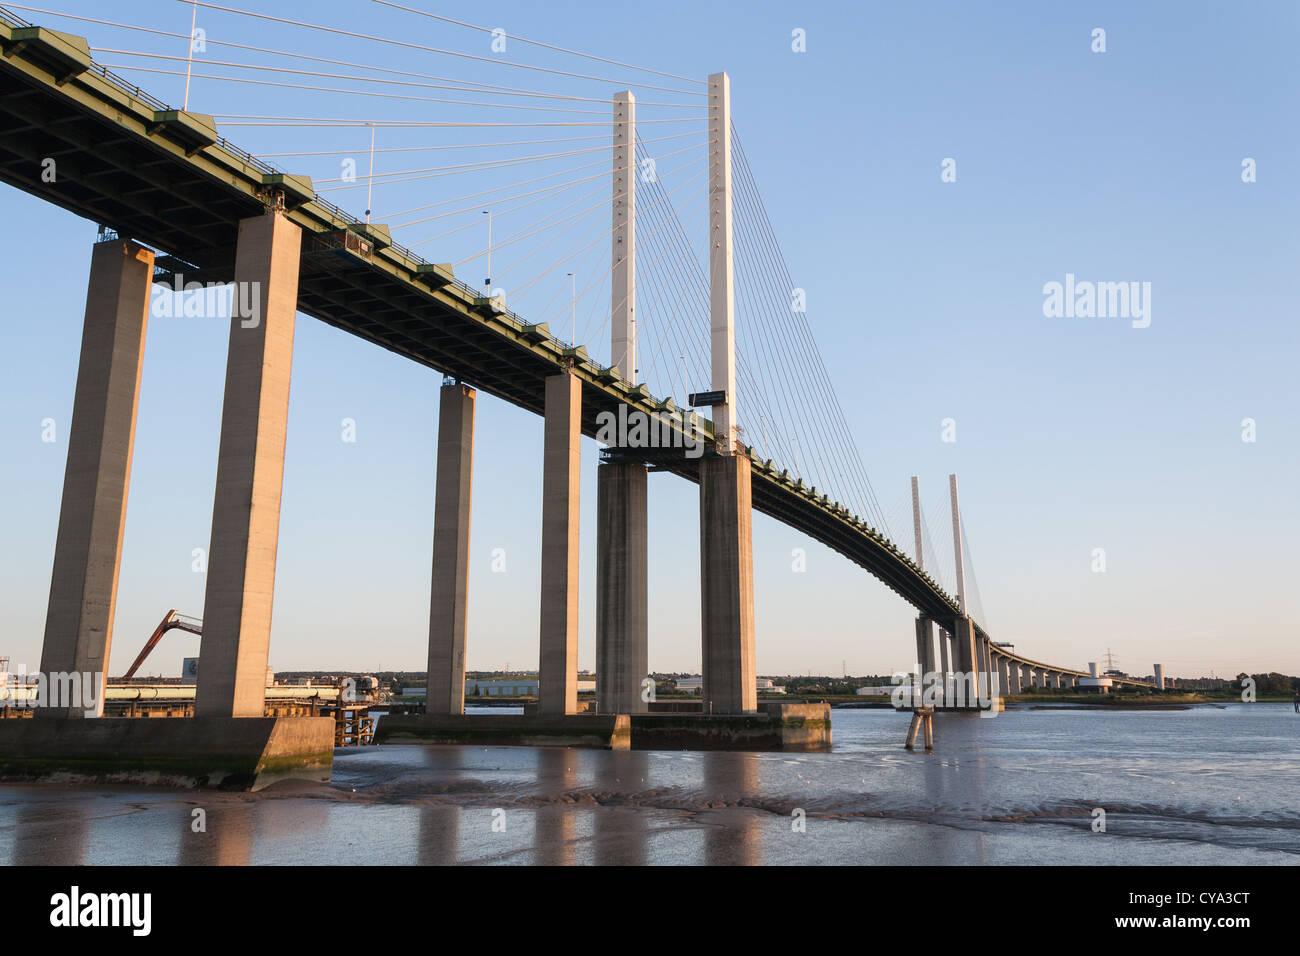 Dartford Bridge Crossing Essex UK - Stock Image